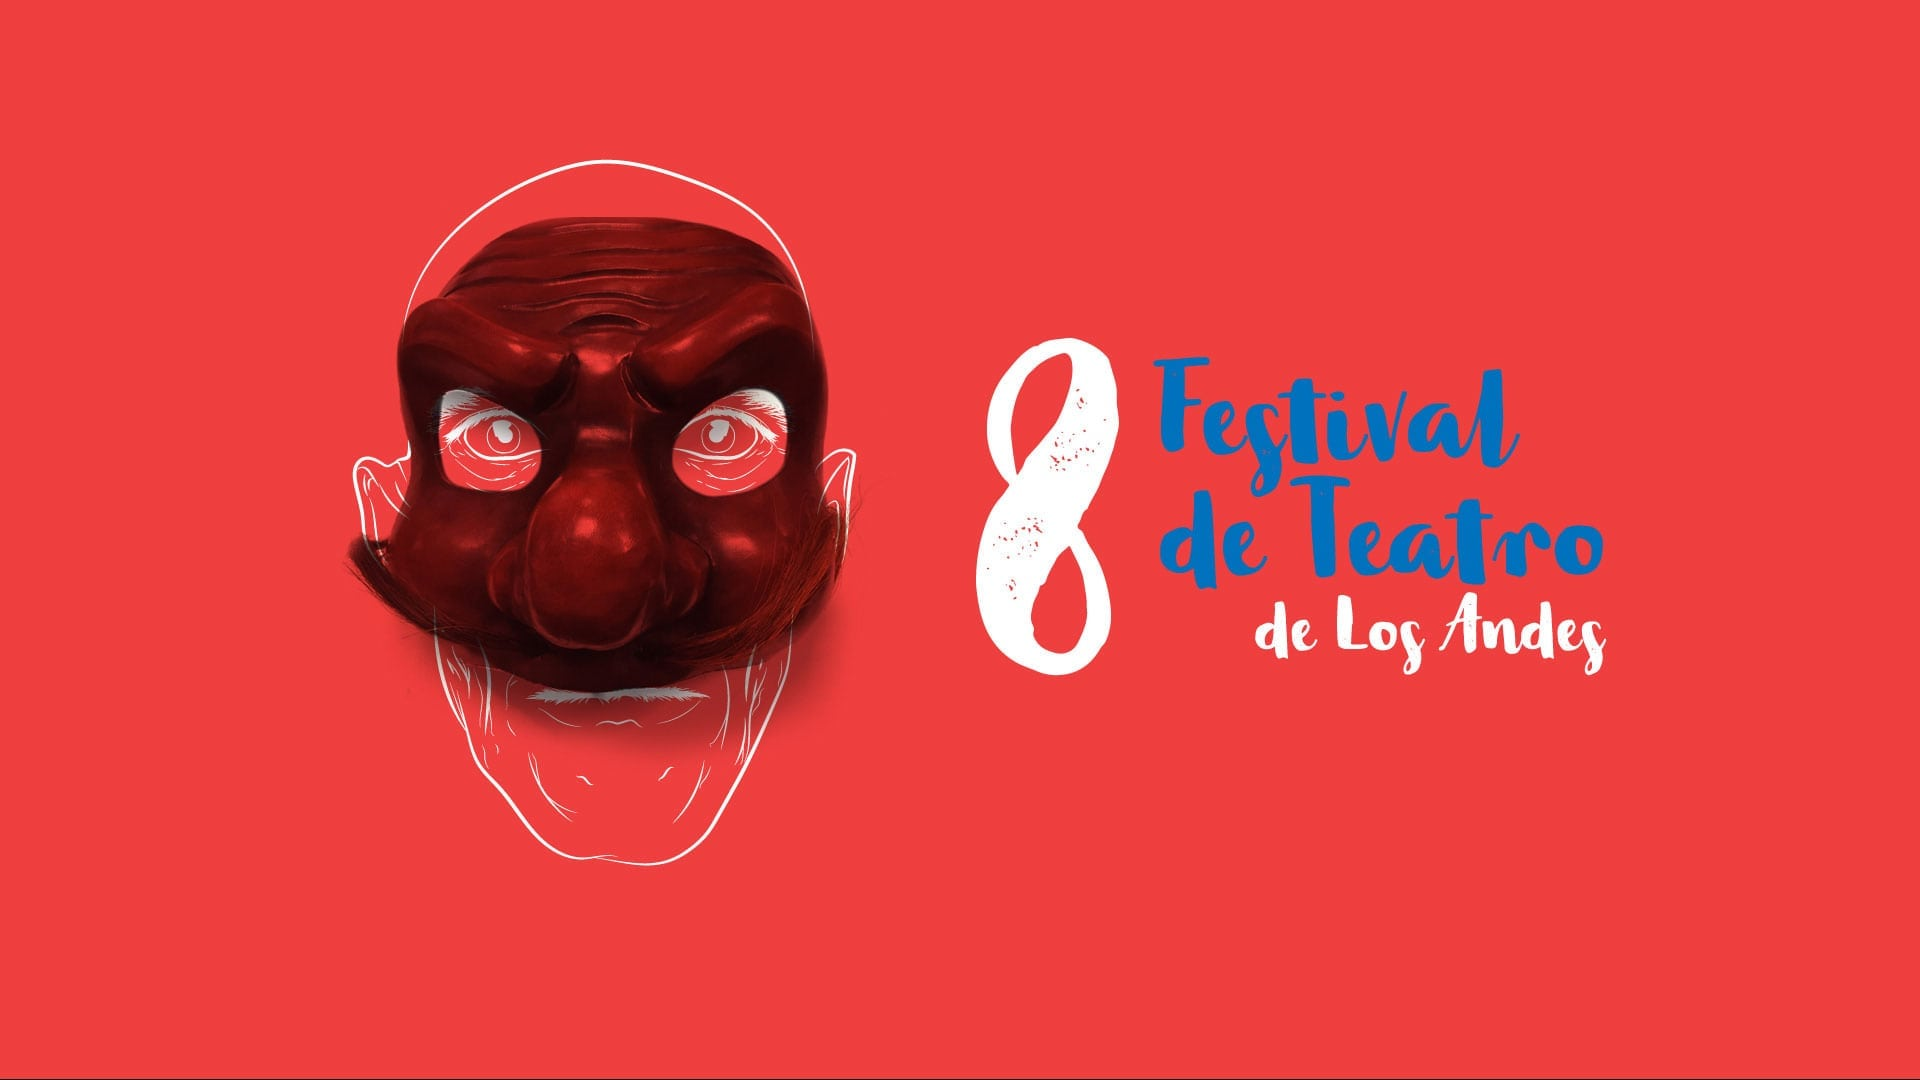 El Festival de Teatro de Los Andes celebra 70 años de Uniandes